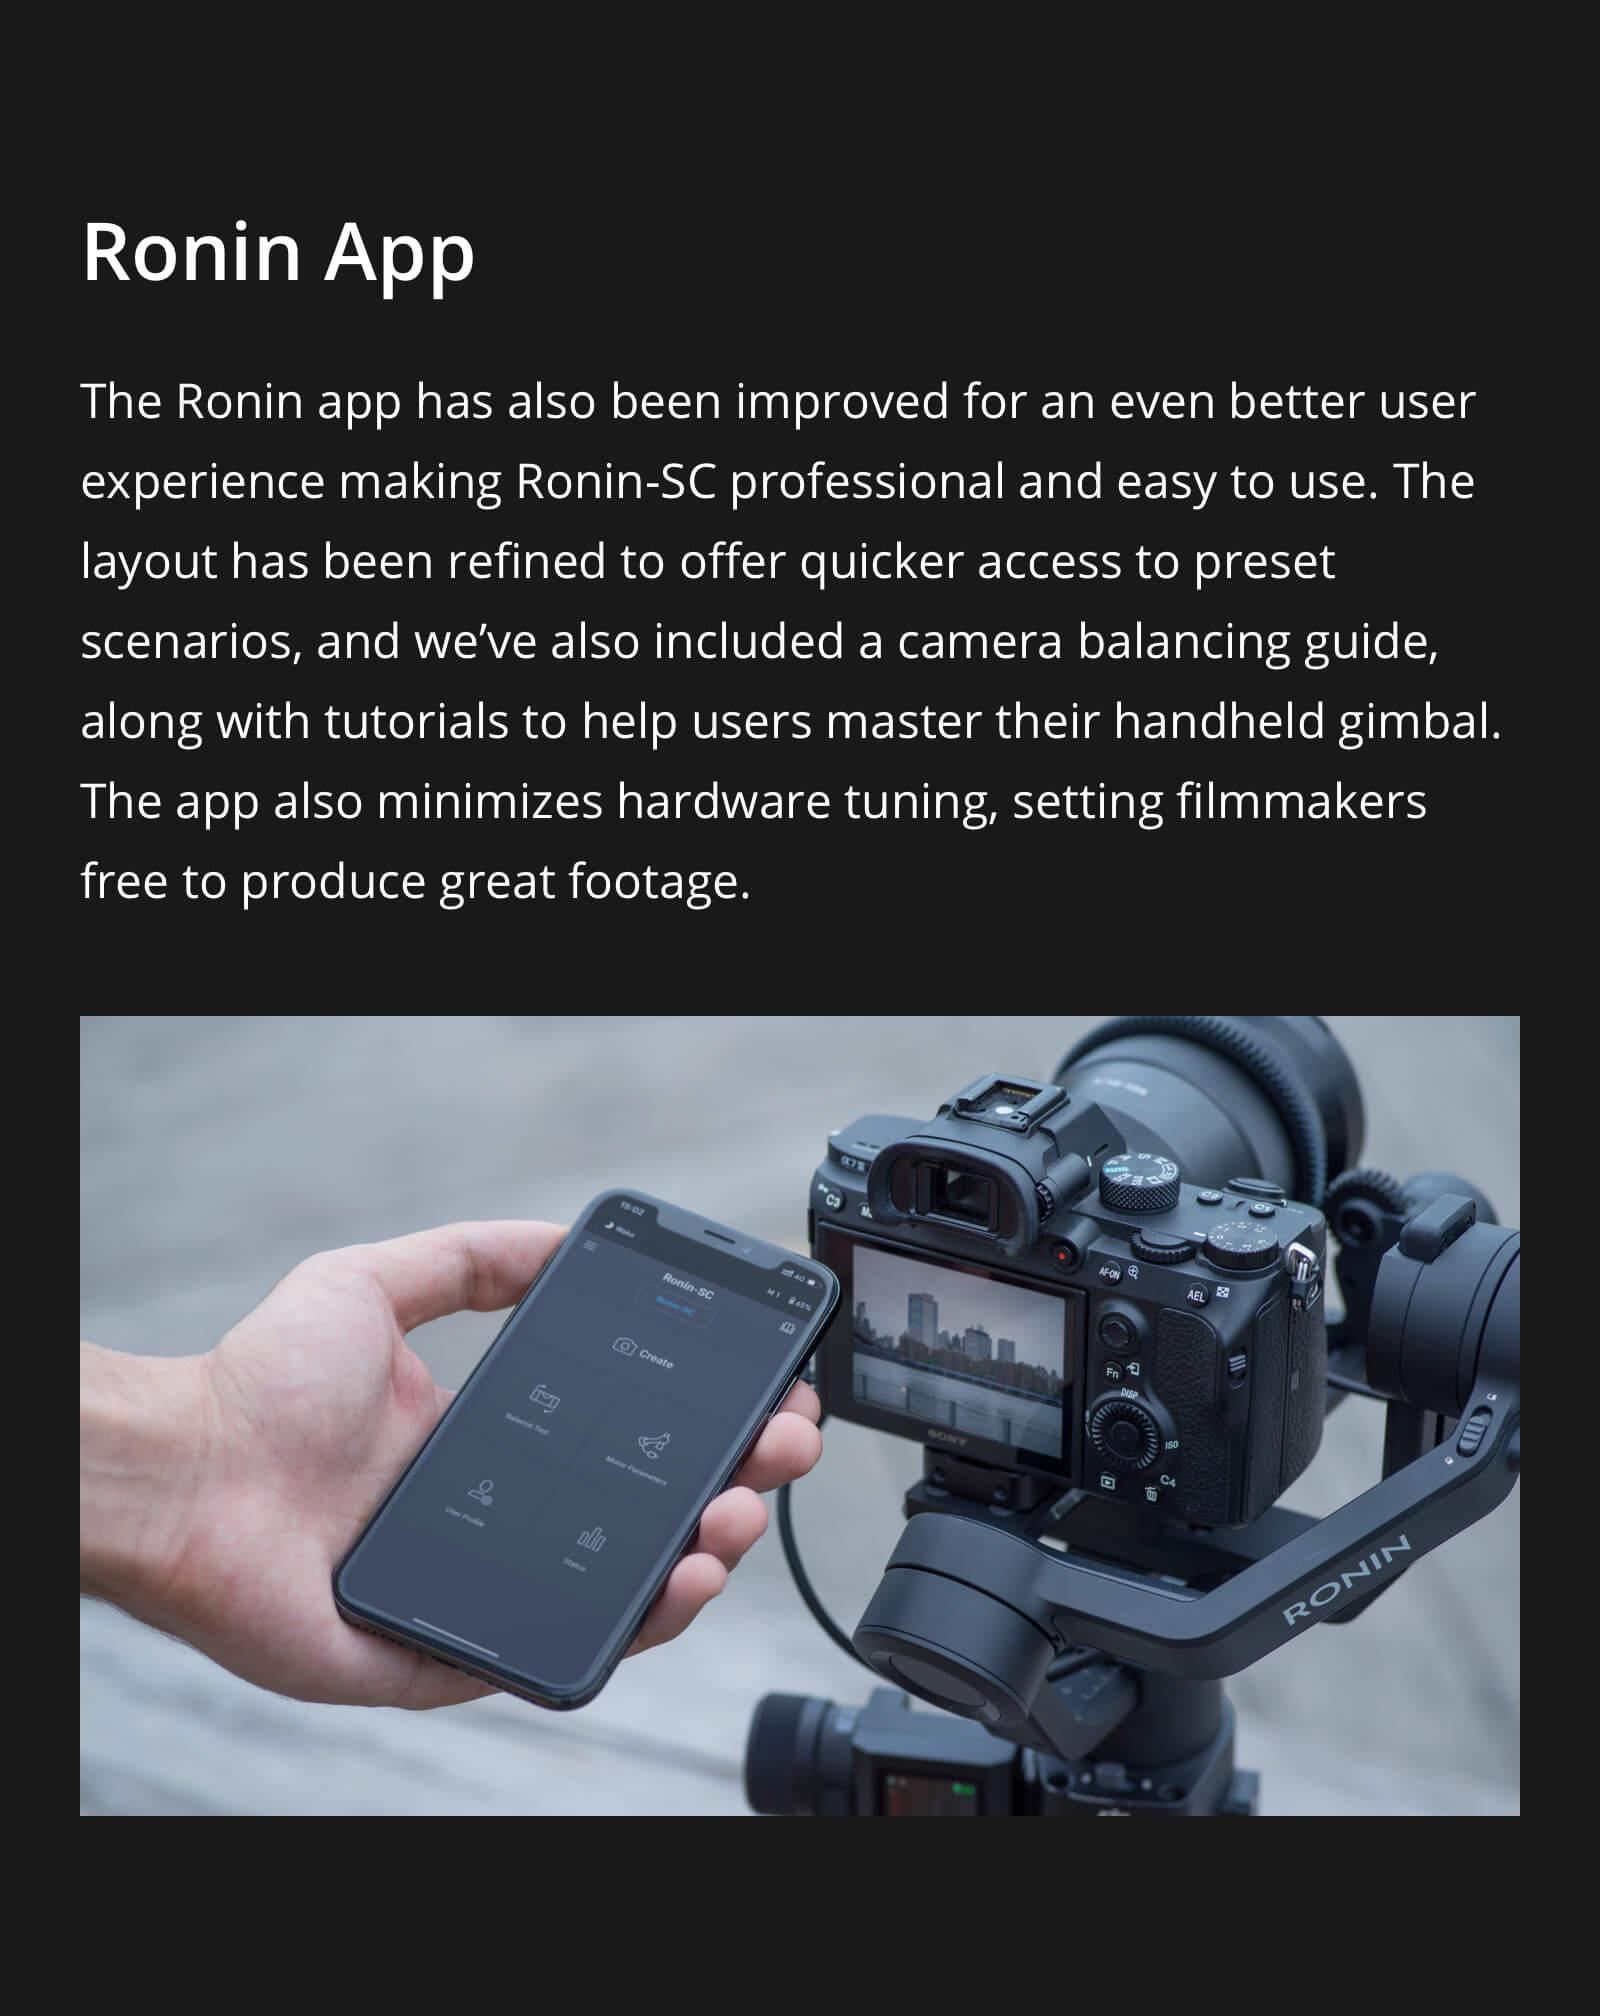 ronin-scdes10.jpg